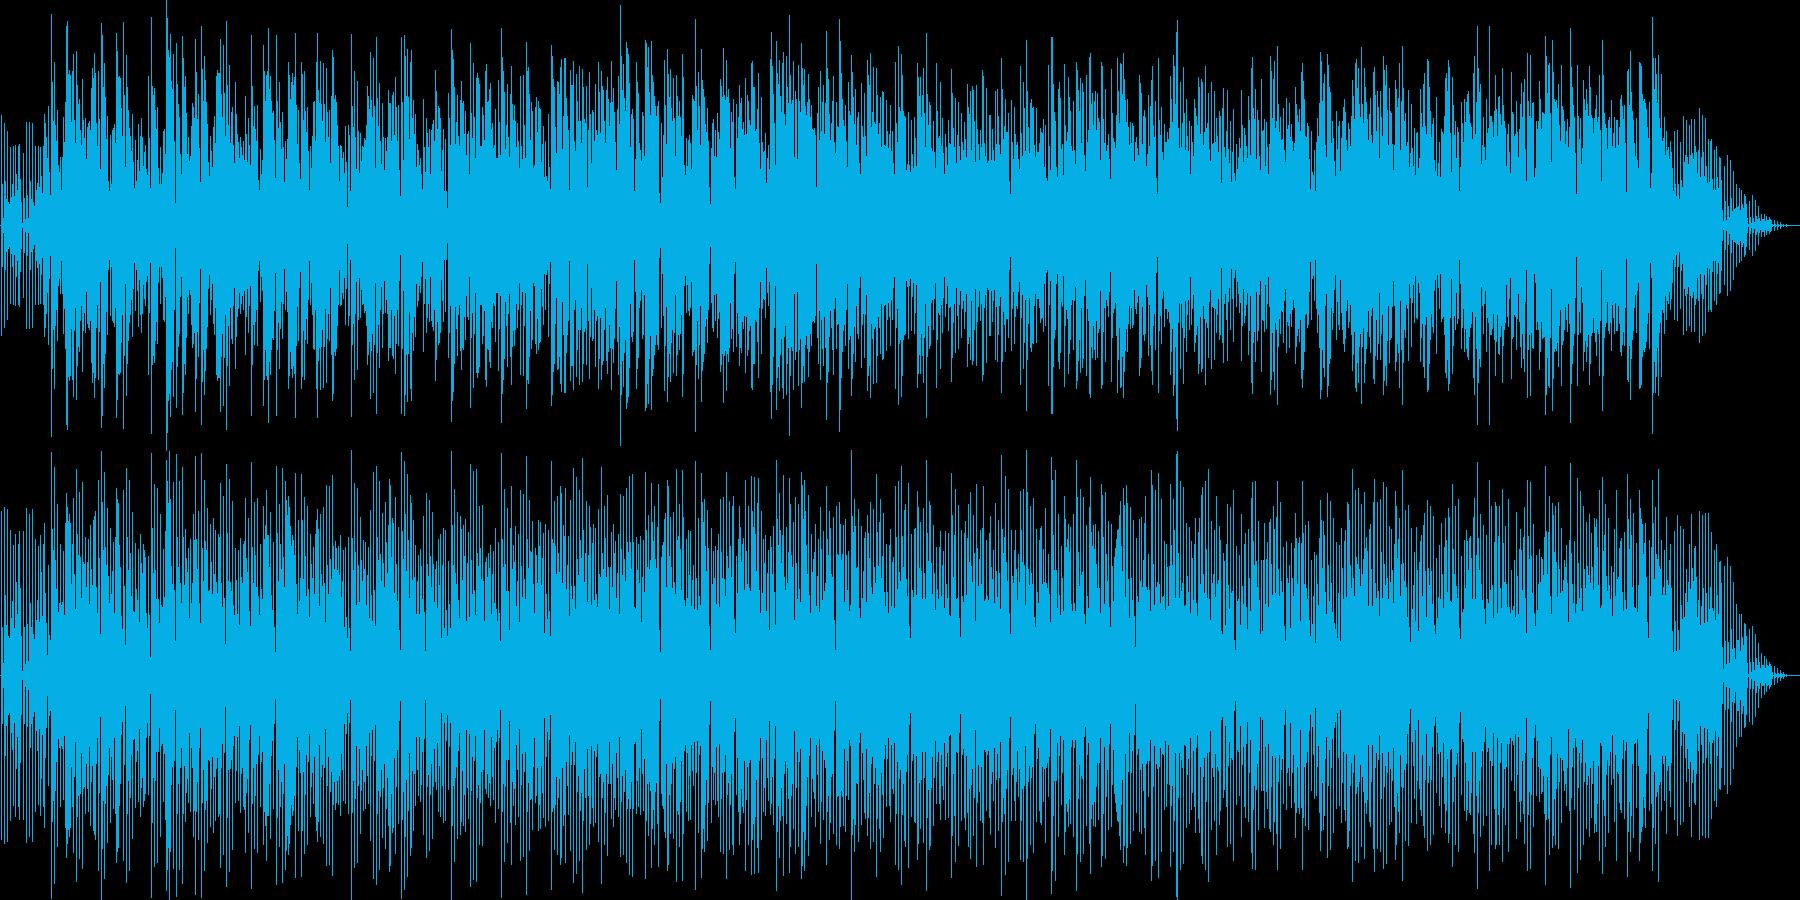 ムードありシックなイージーリスニングの再生済みの波形